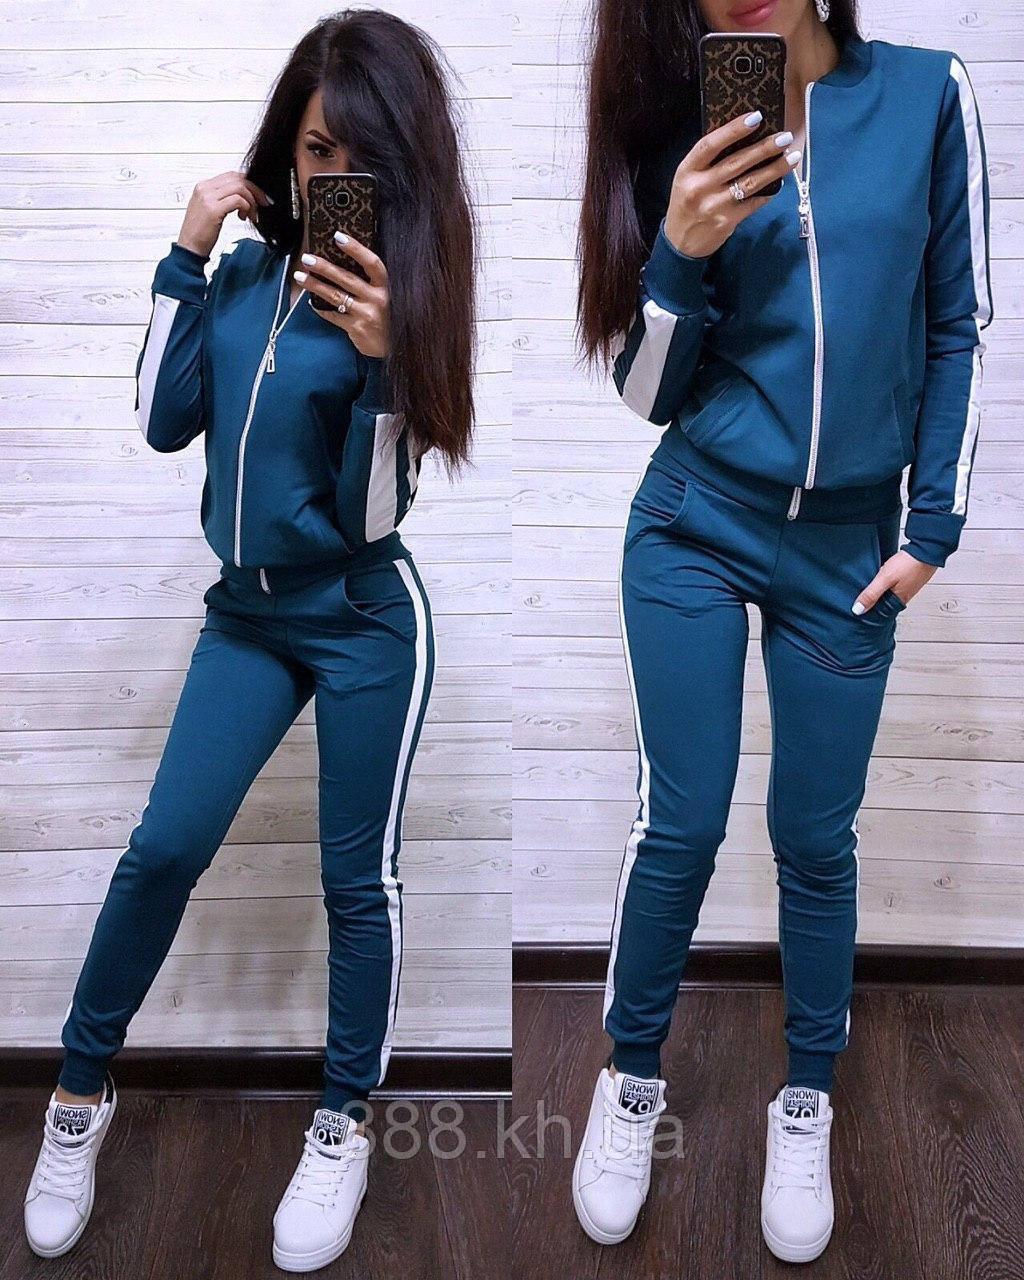 Женский спортивный костюм с лампасом, большие размеры, S/M/L/XL//2XL/3XL/4XL (синий)